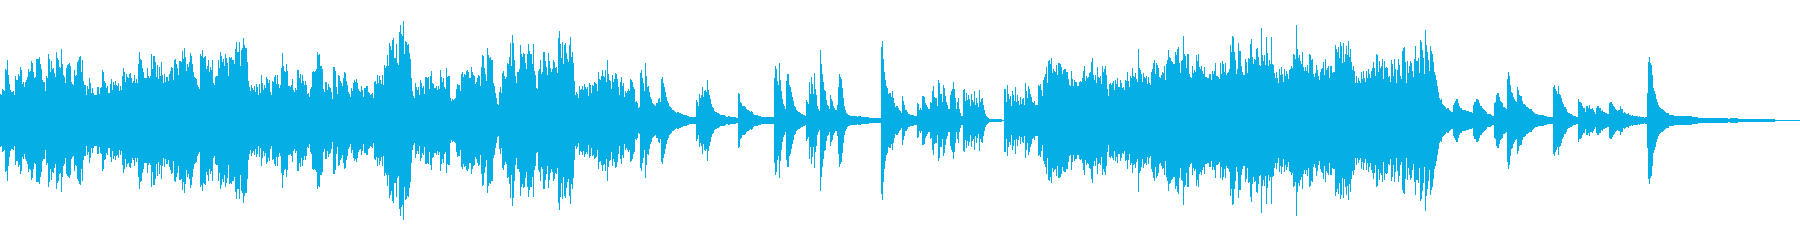 「思考」の質を備えた、情熱的な低音...の再生済みの波形